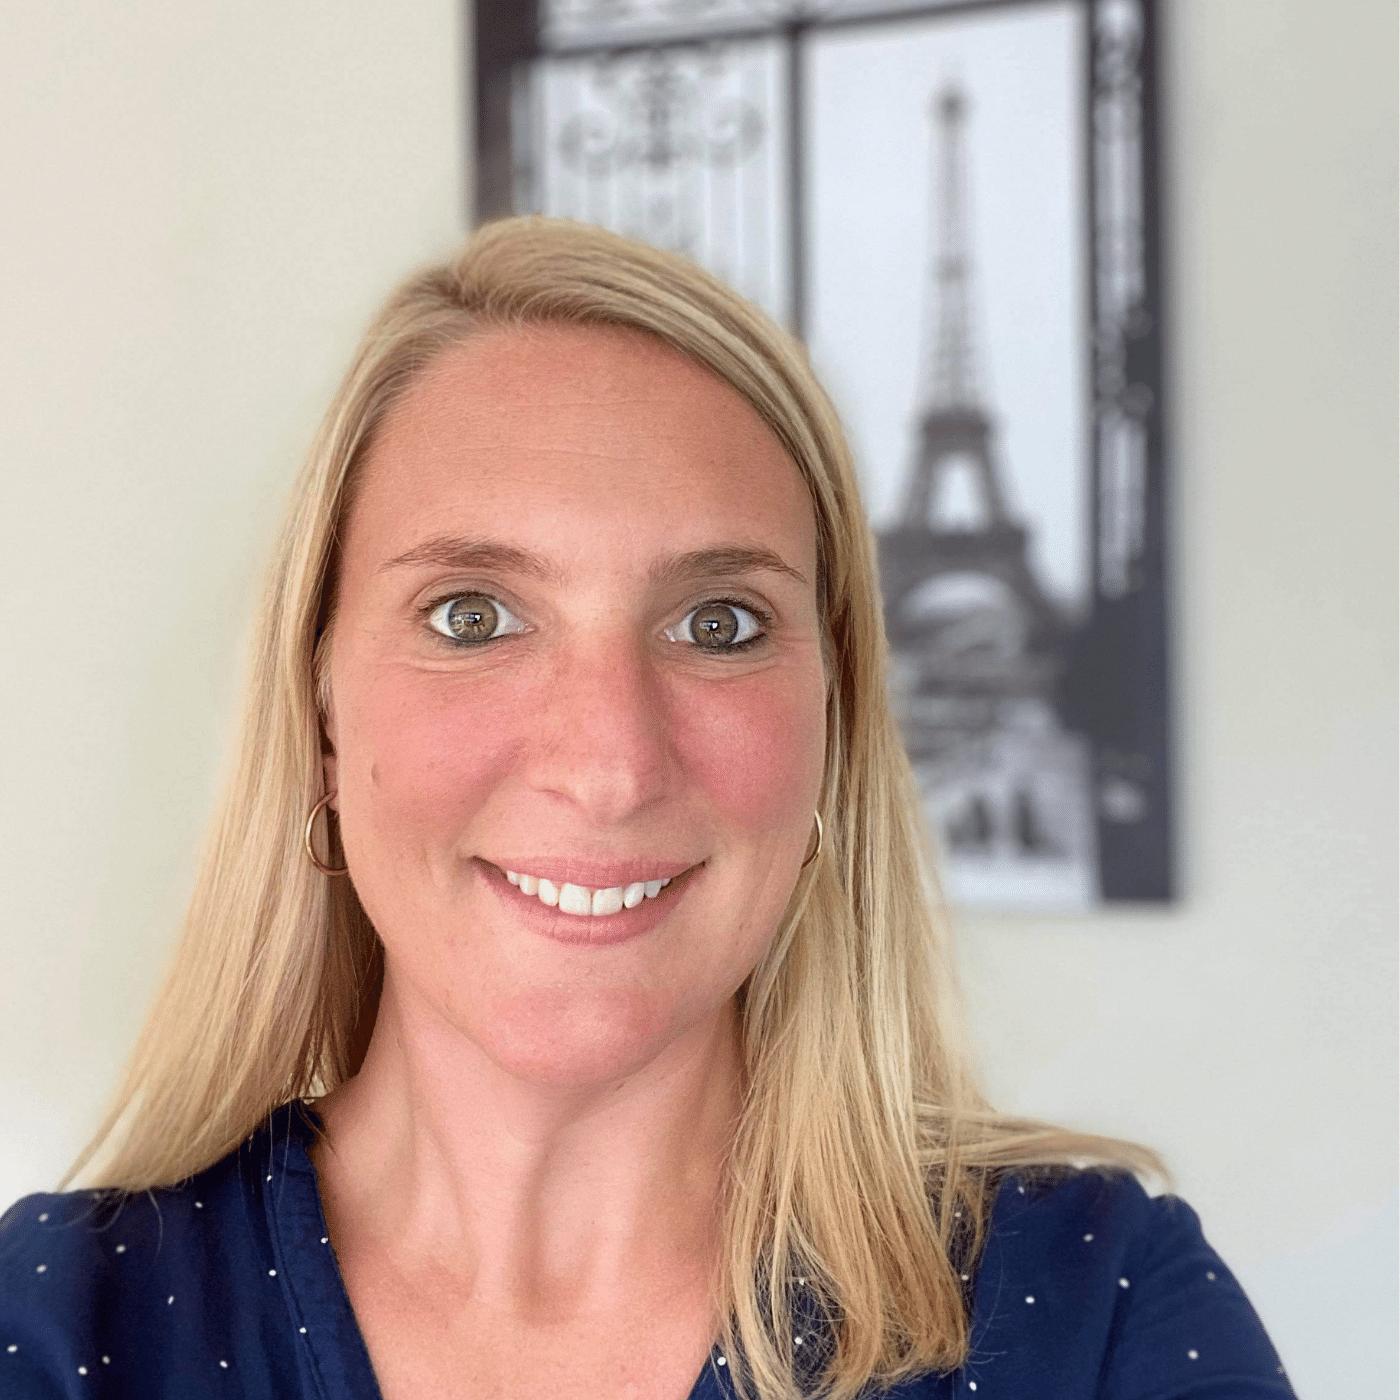 Alice Trocheris Pettersson - Manager dans l'industrie automobile suédoise